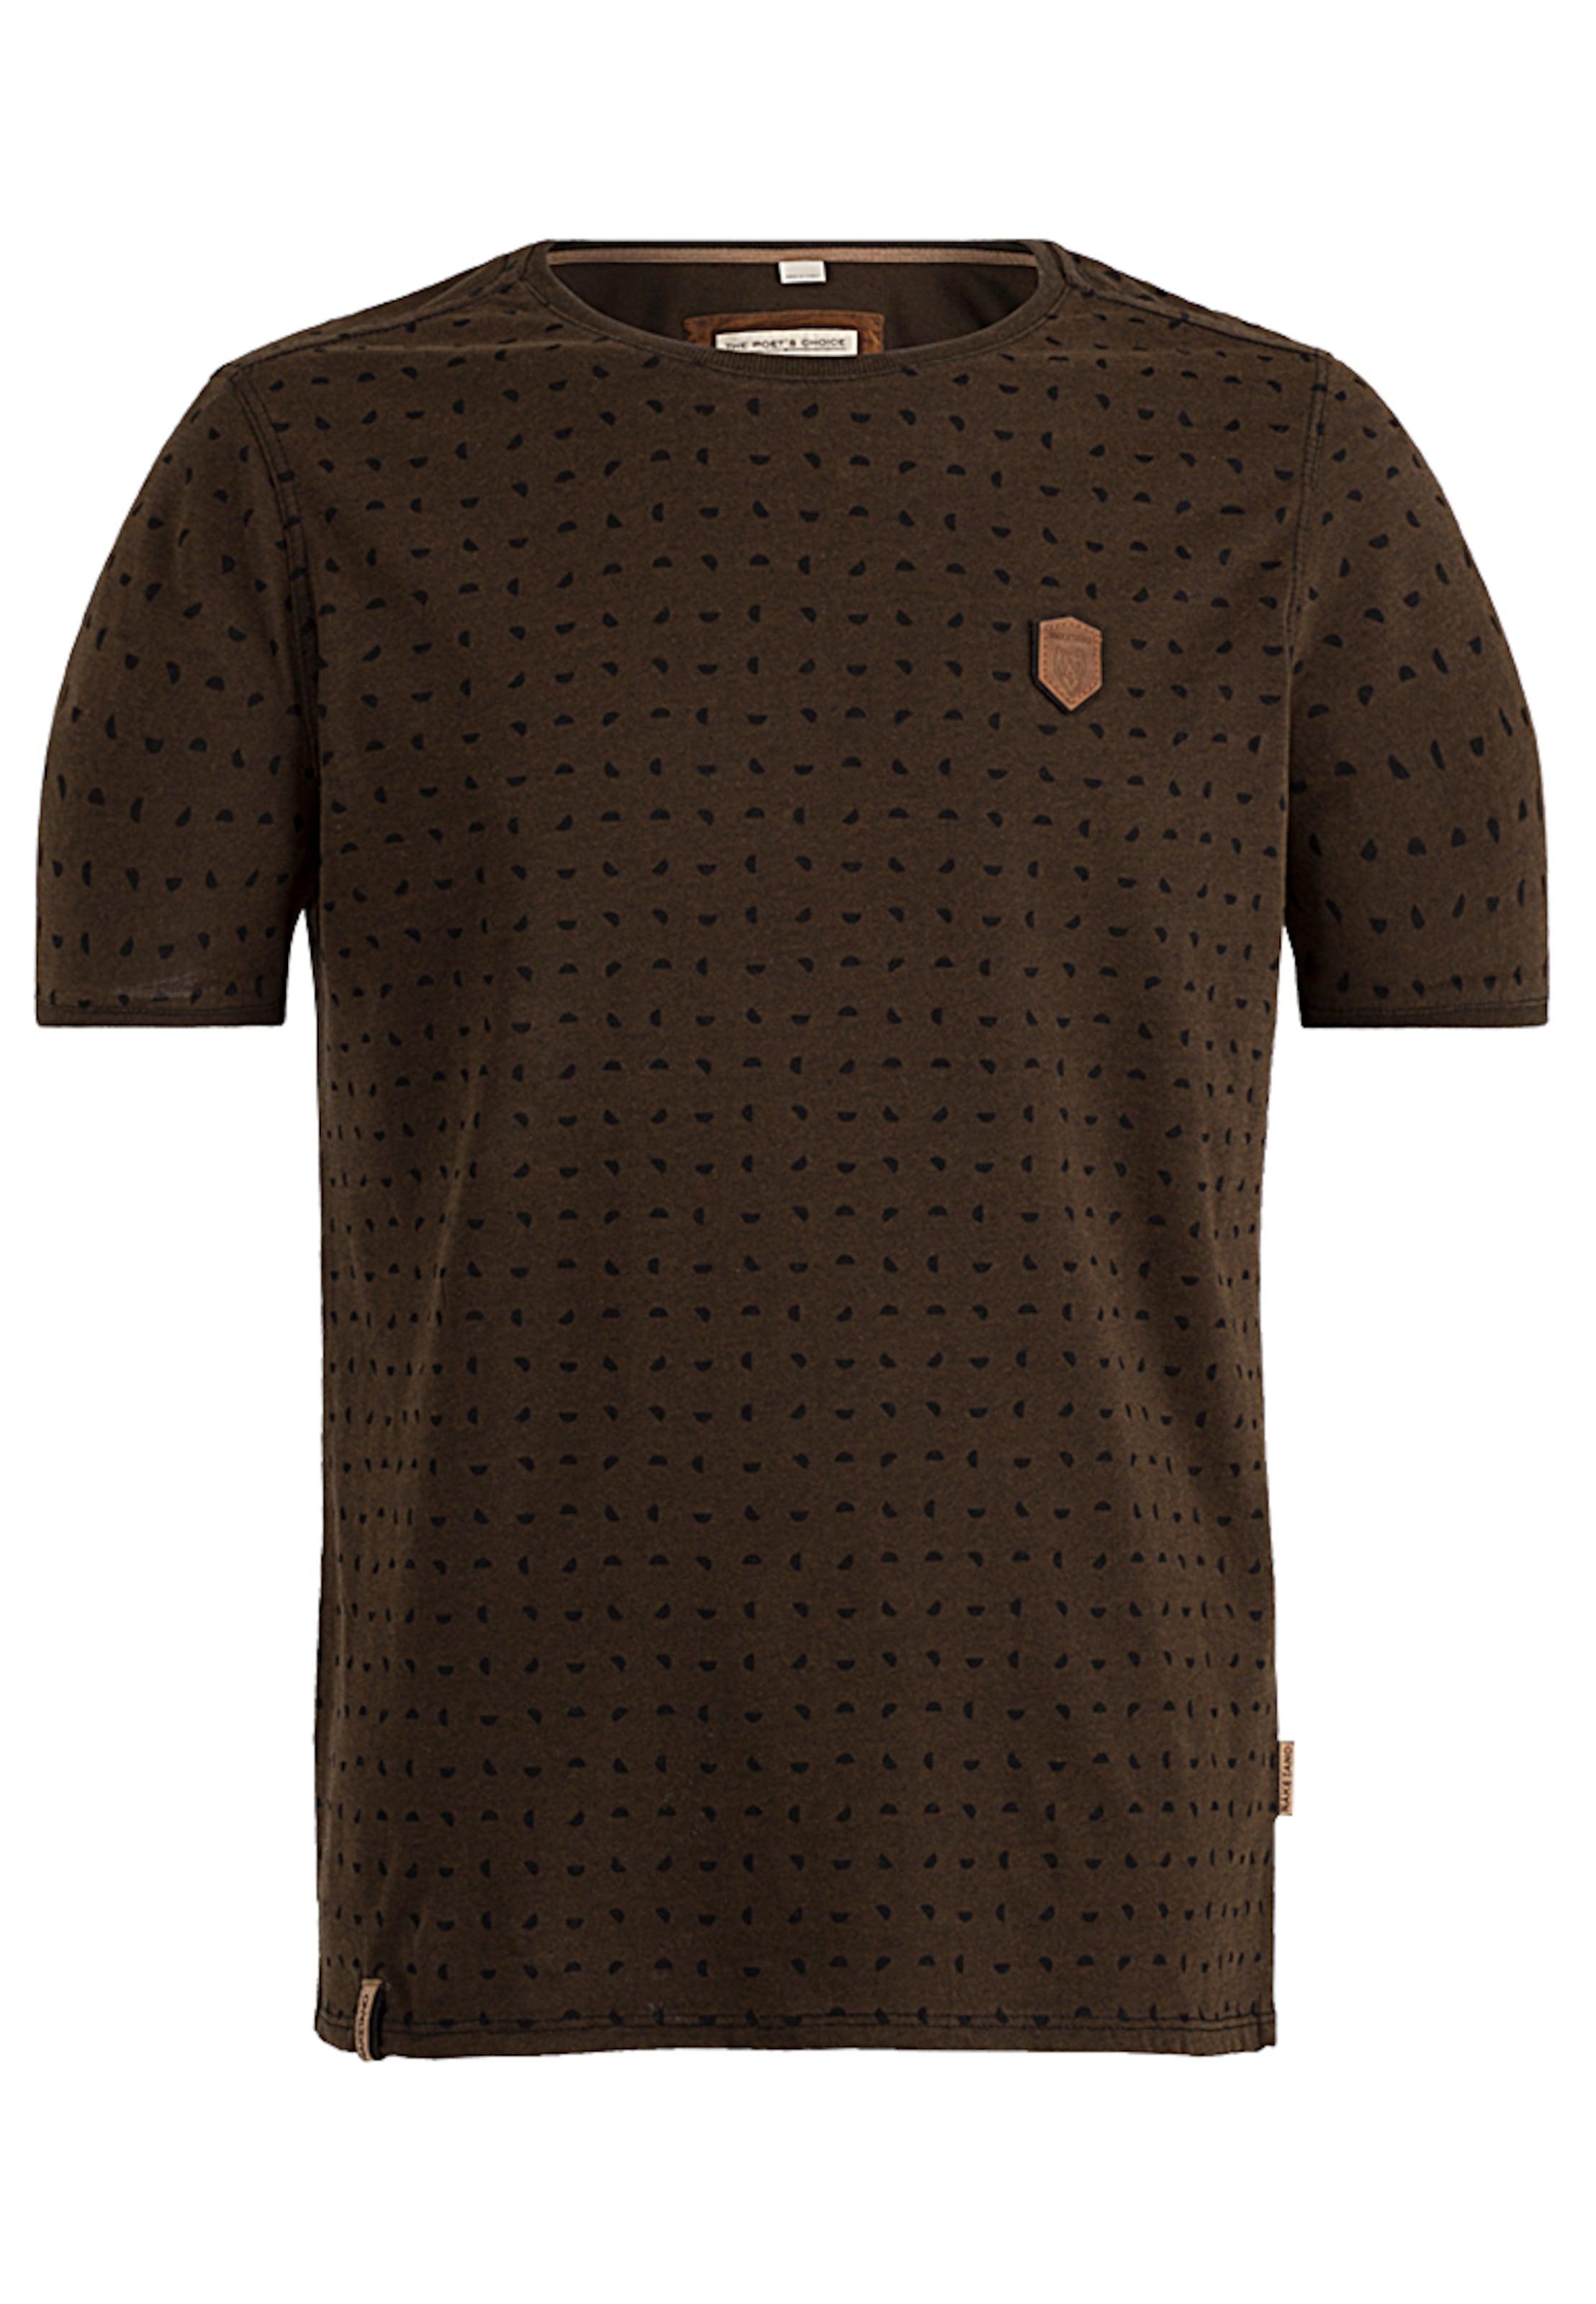 naketano Male T-Shirt 'Stricherjunge' Auslass Heißen Verkauf JA7GiWme8